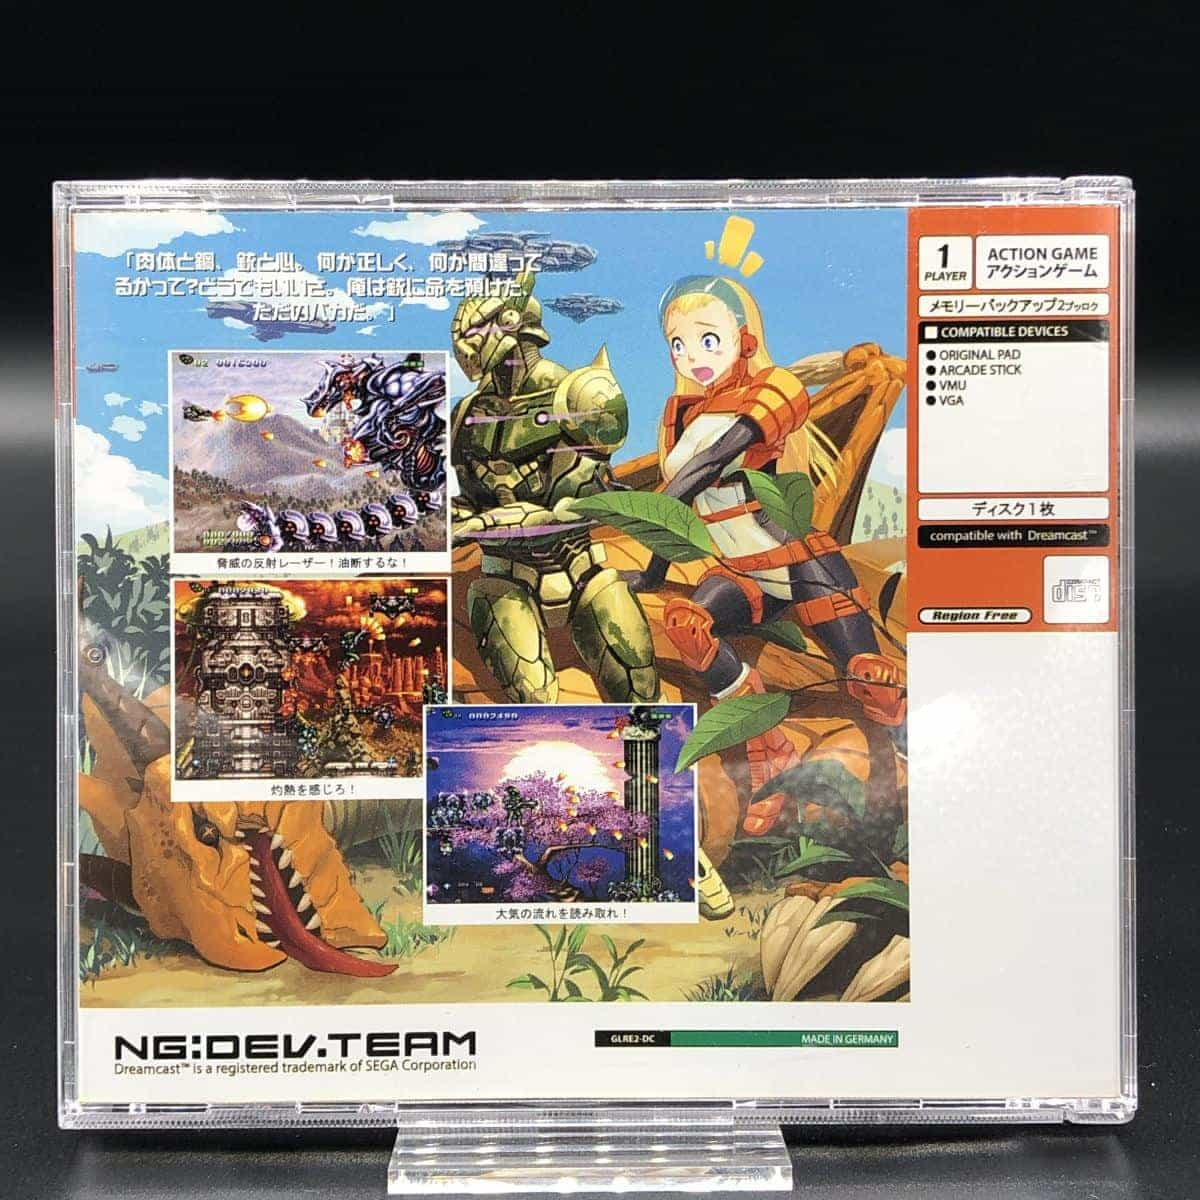 Gunlord - Jump, Shoot, Explore (NG: DEV.Team) (Komplett) (Sehr gut) Sega Dreamcast